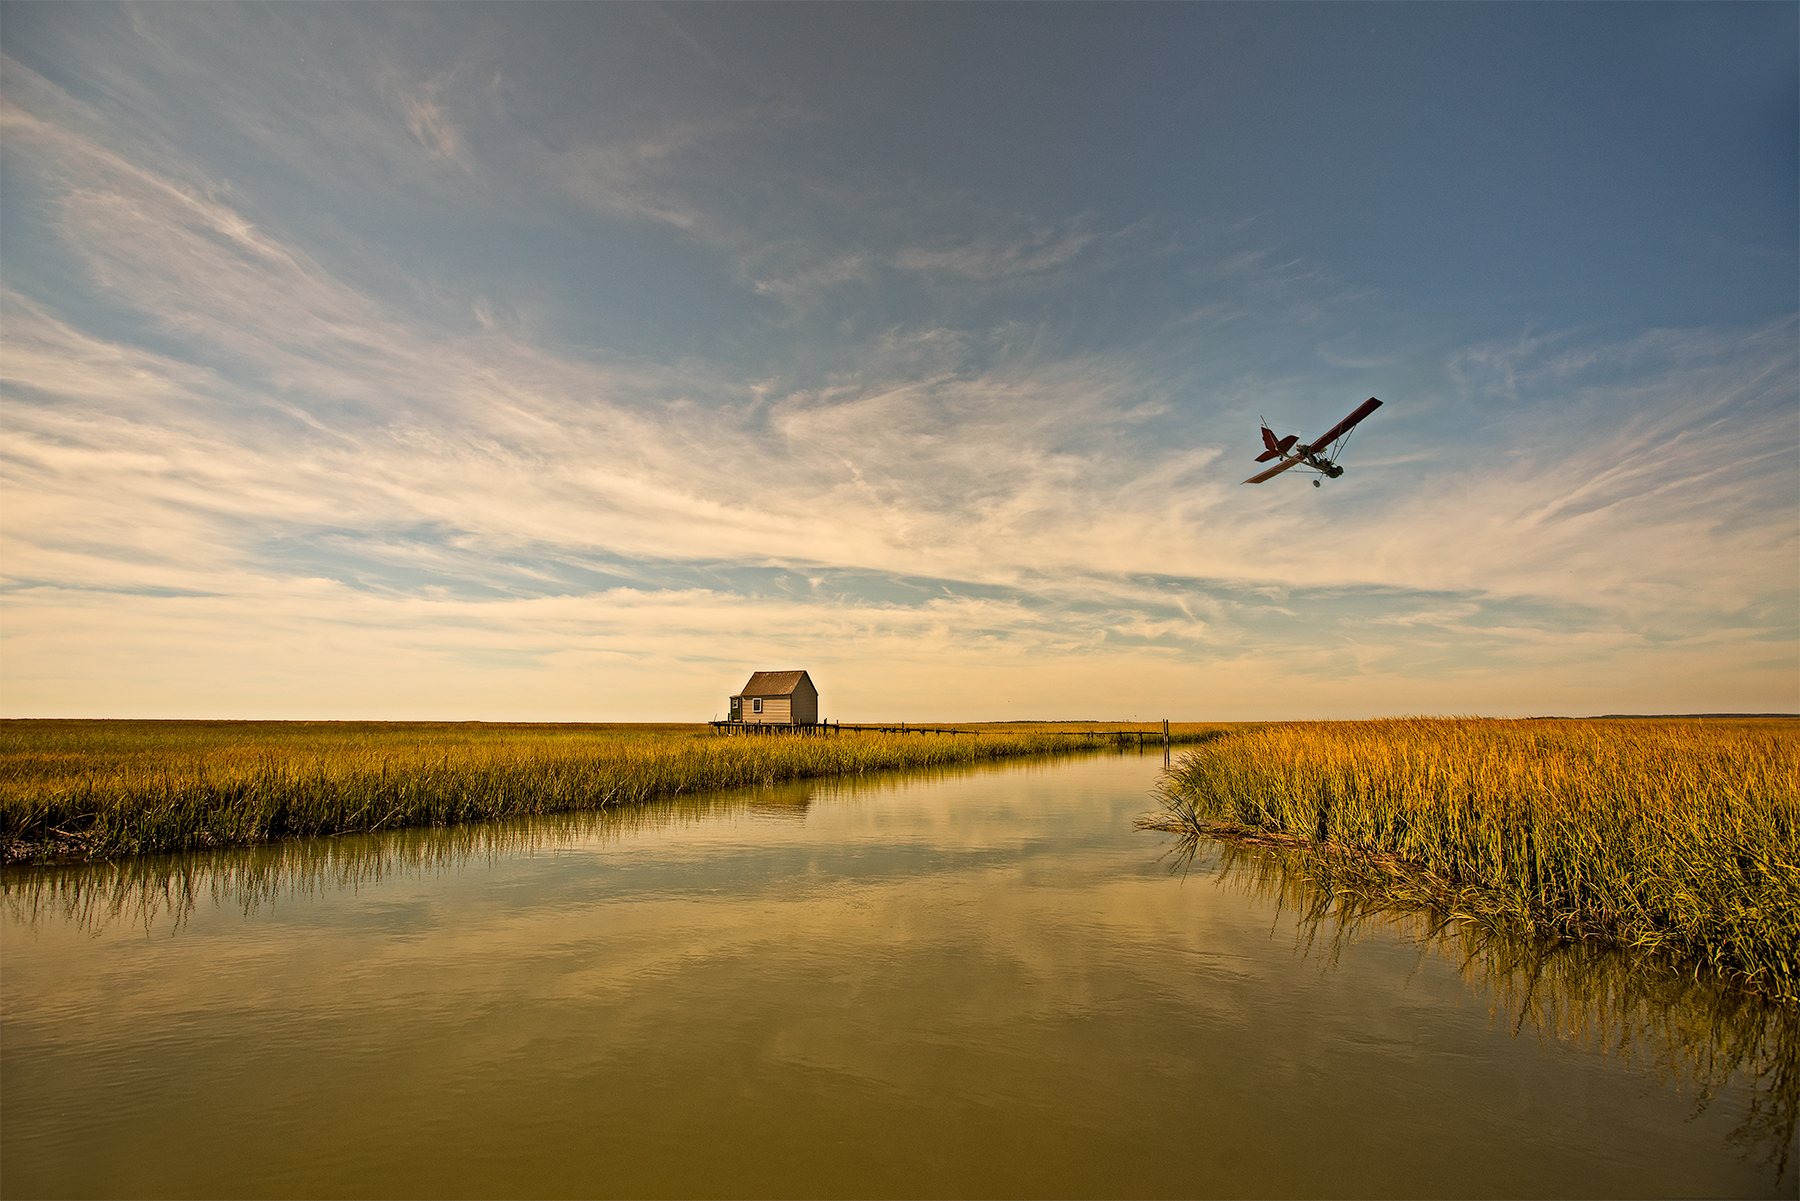 Gordon flying, the Eastern Shore, Va